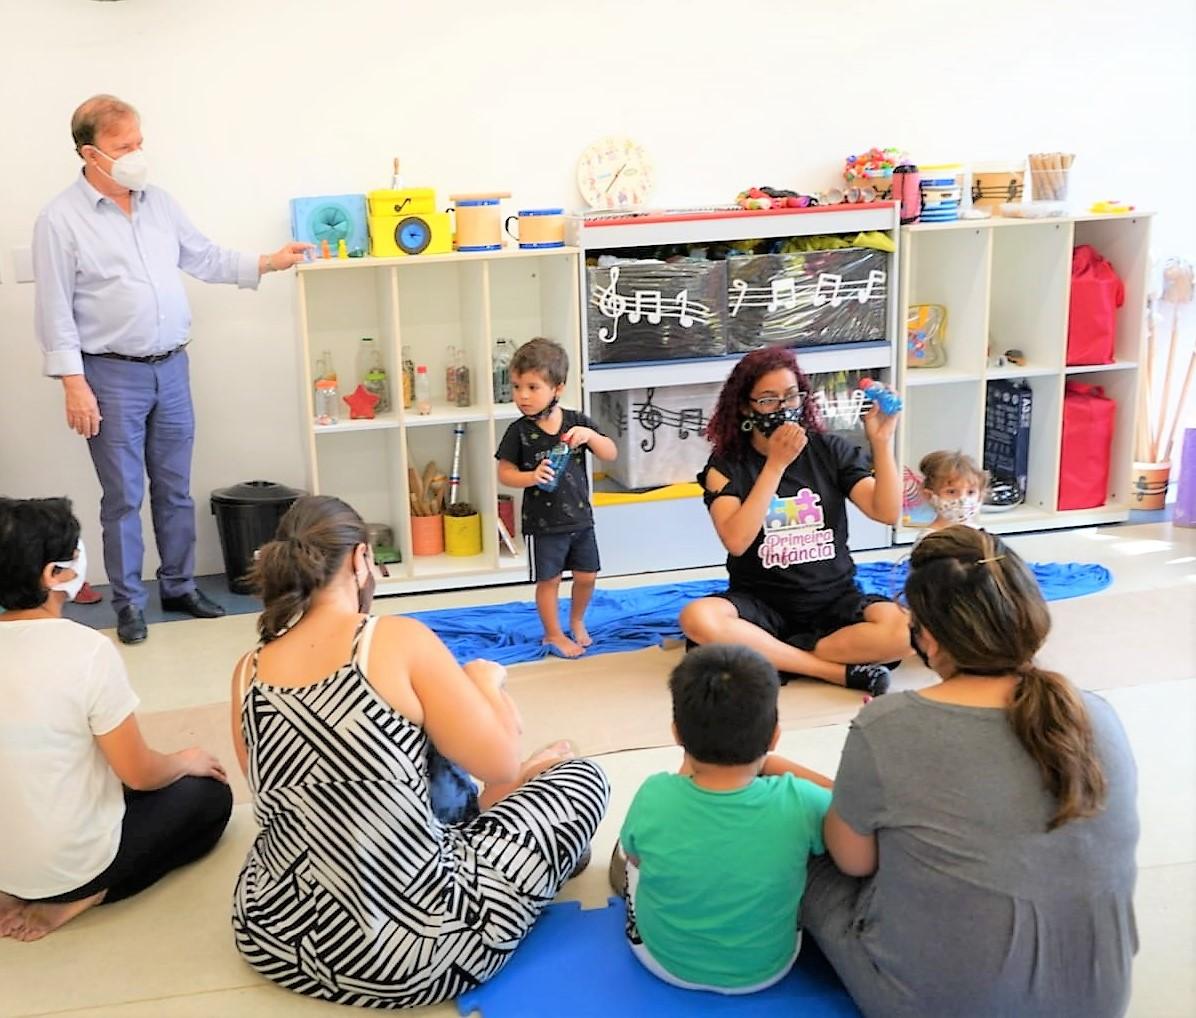 Sábado tem inauguração em dose dupla: Emei Seu Zequinha e o Centro da Primeira Infância